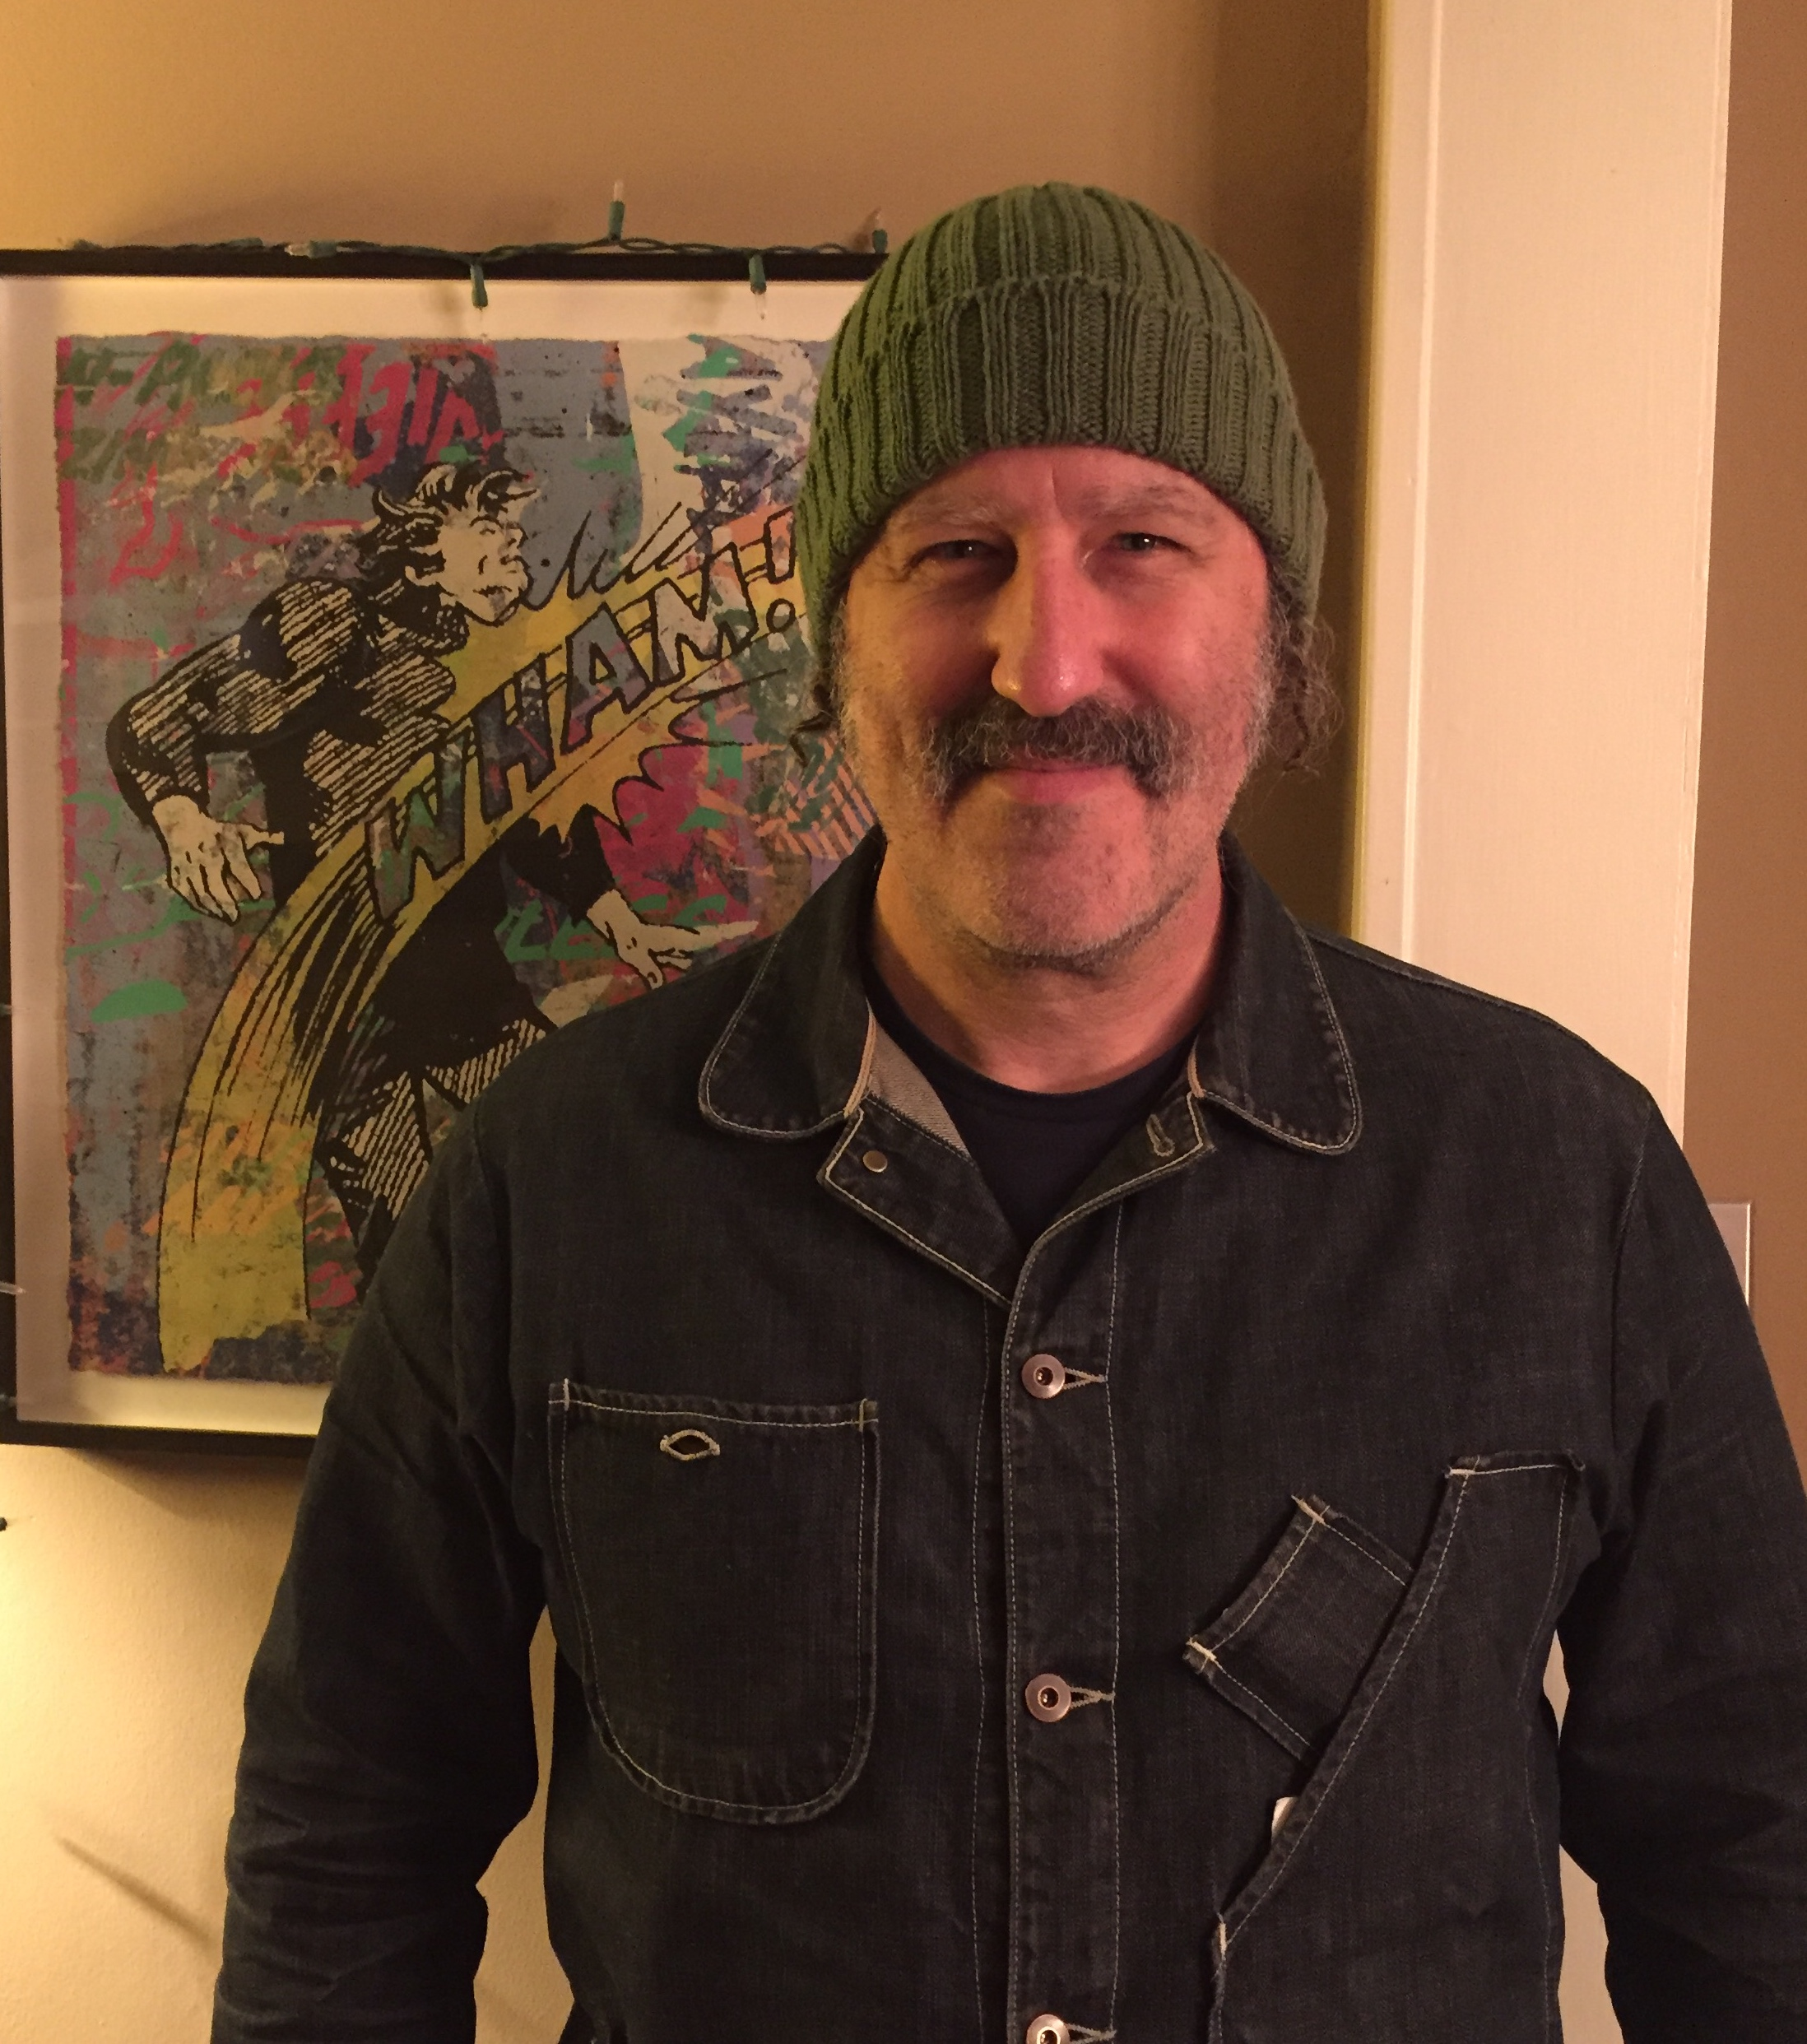 Paul Frank in Sherman Oaks, CA, January 2019